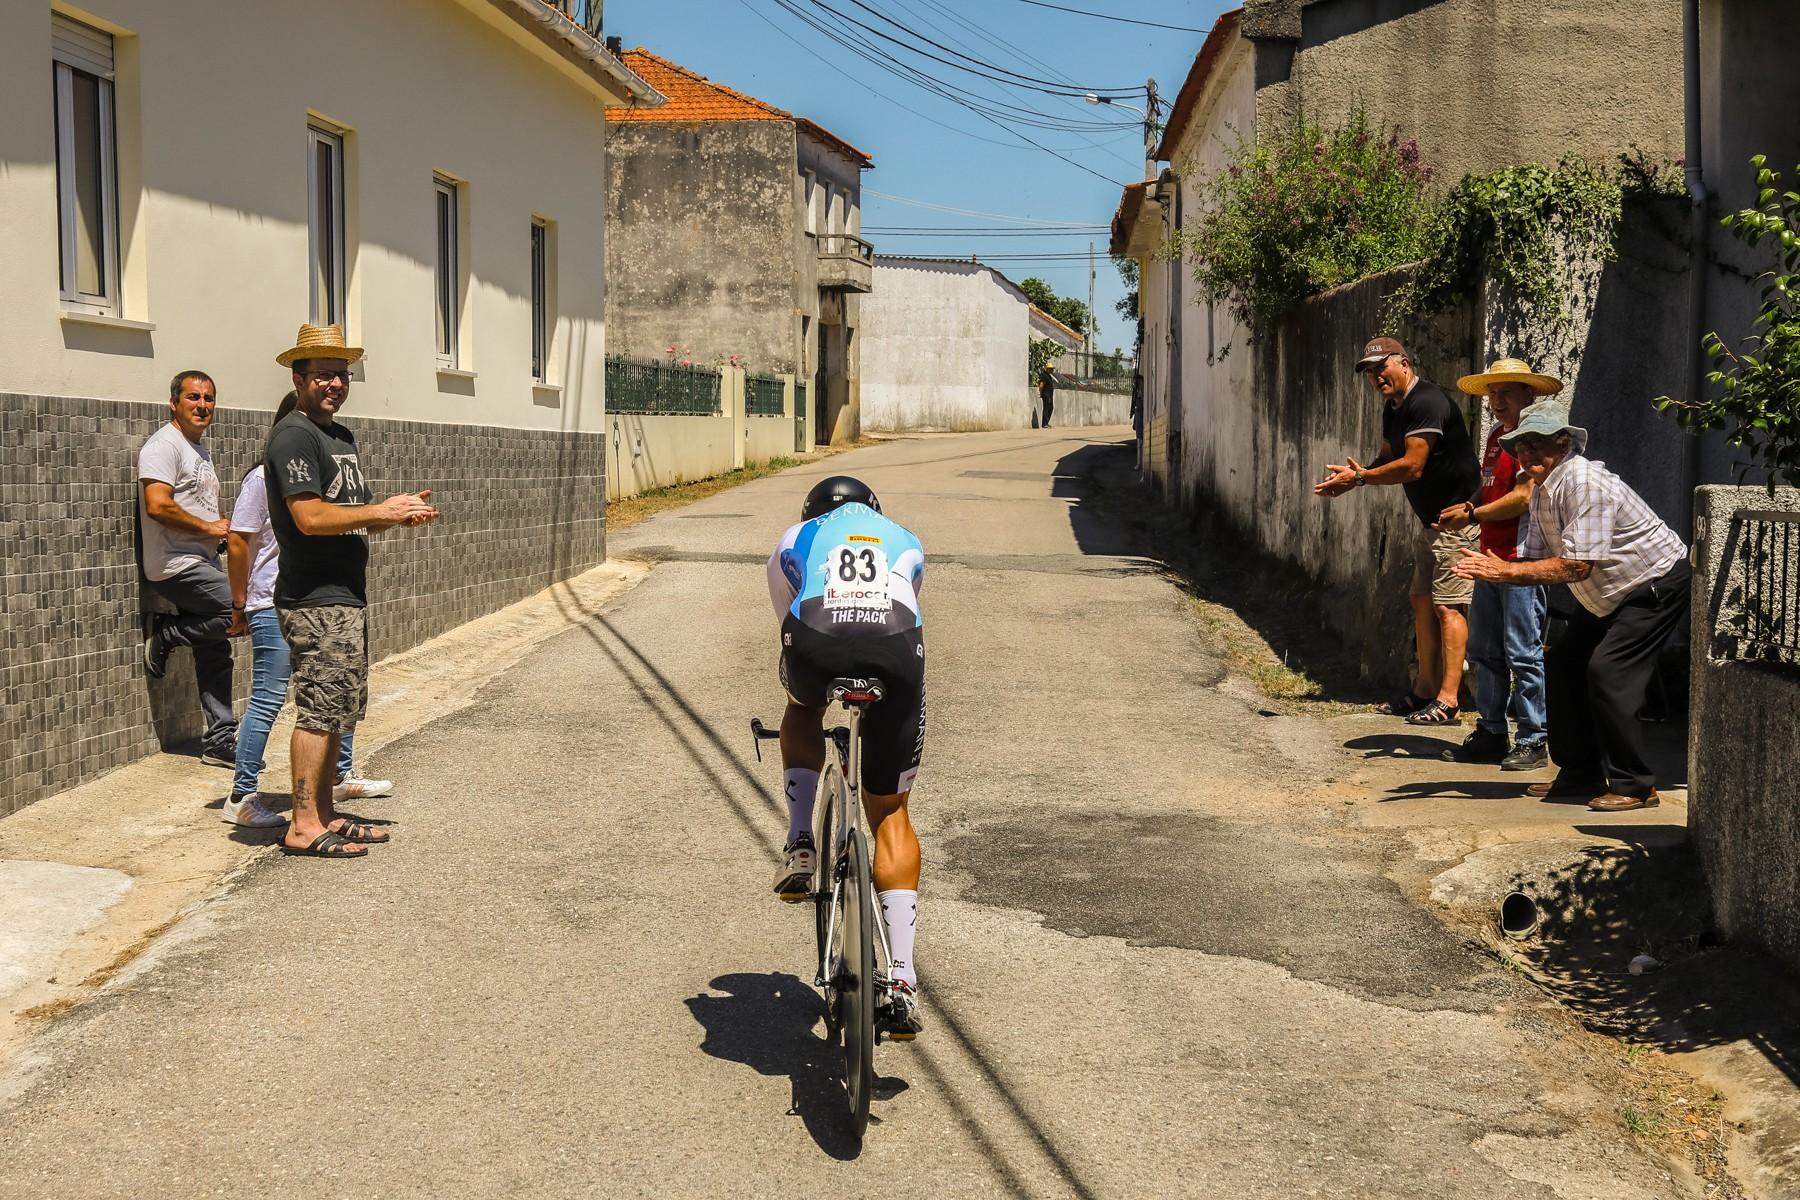 Campeonatos de Estrada abrem com luta contra o relógio